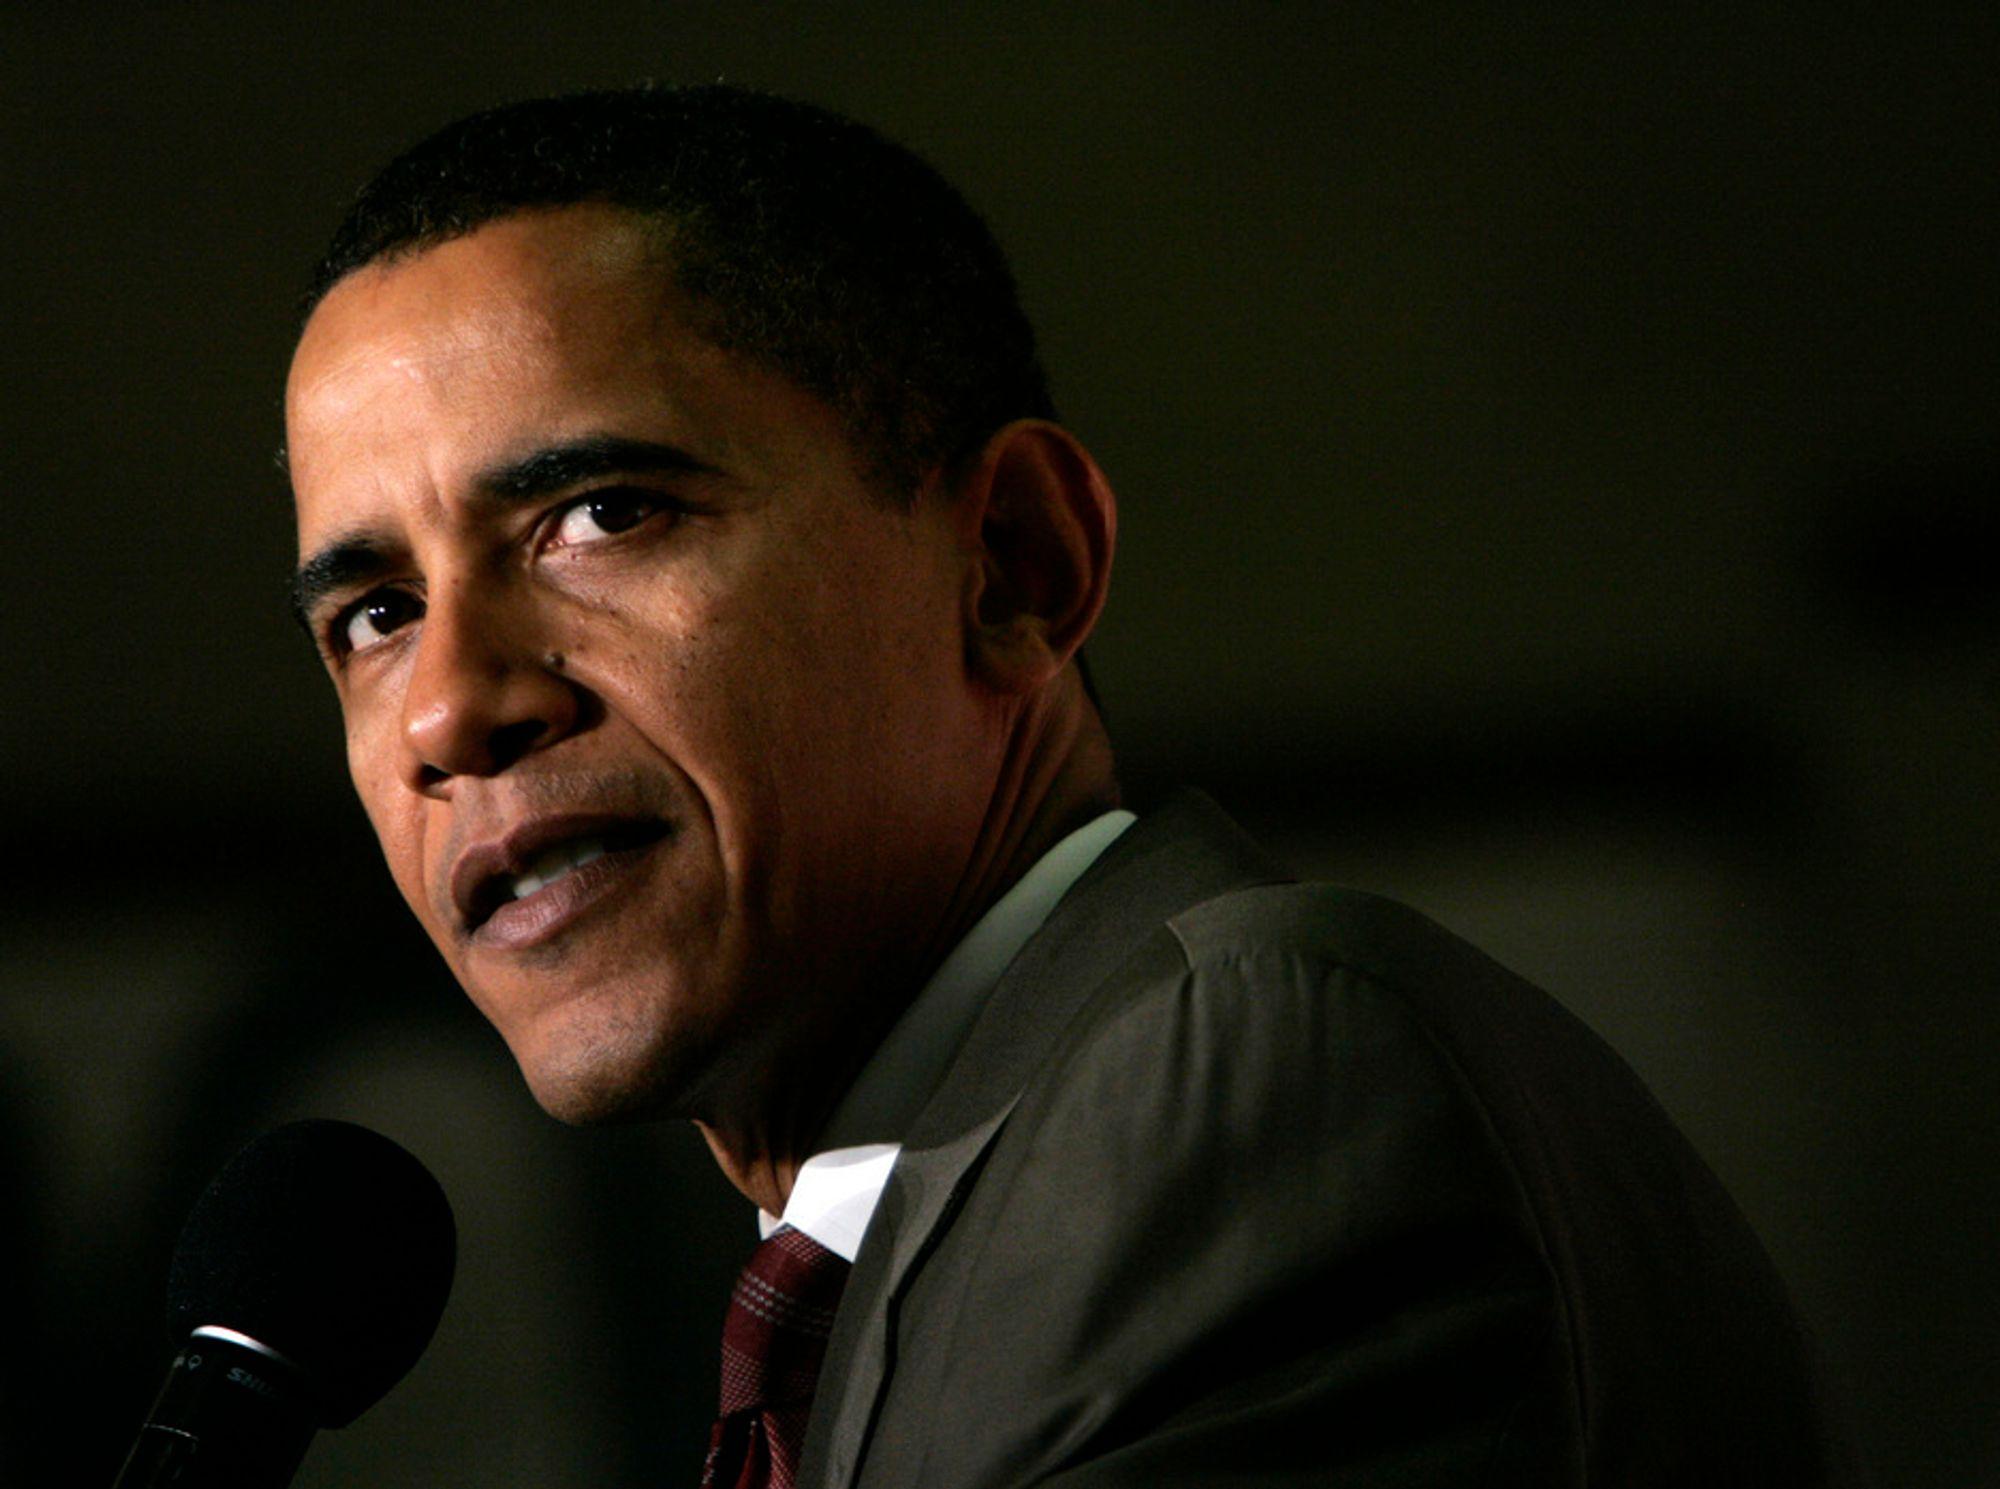 FÅR ANSVARET: Forandringens talerør til tross - også Barack Obama vil videreføre USAs tradisjon for å søke kontroll over energileveransene.